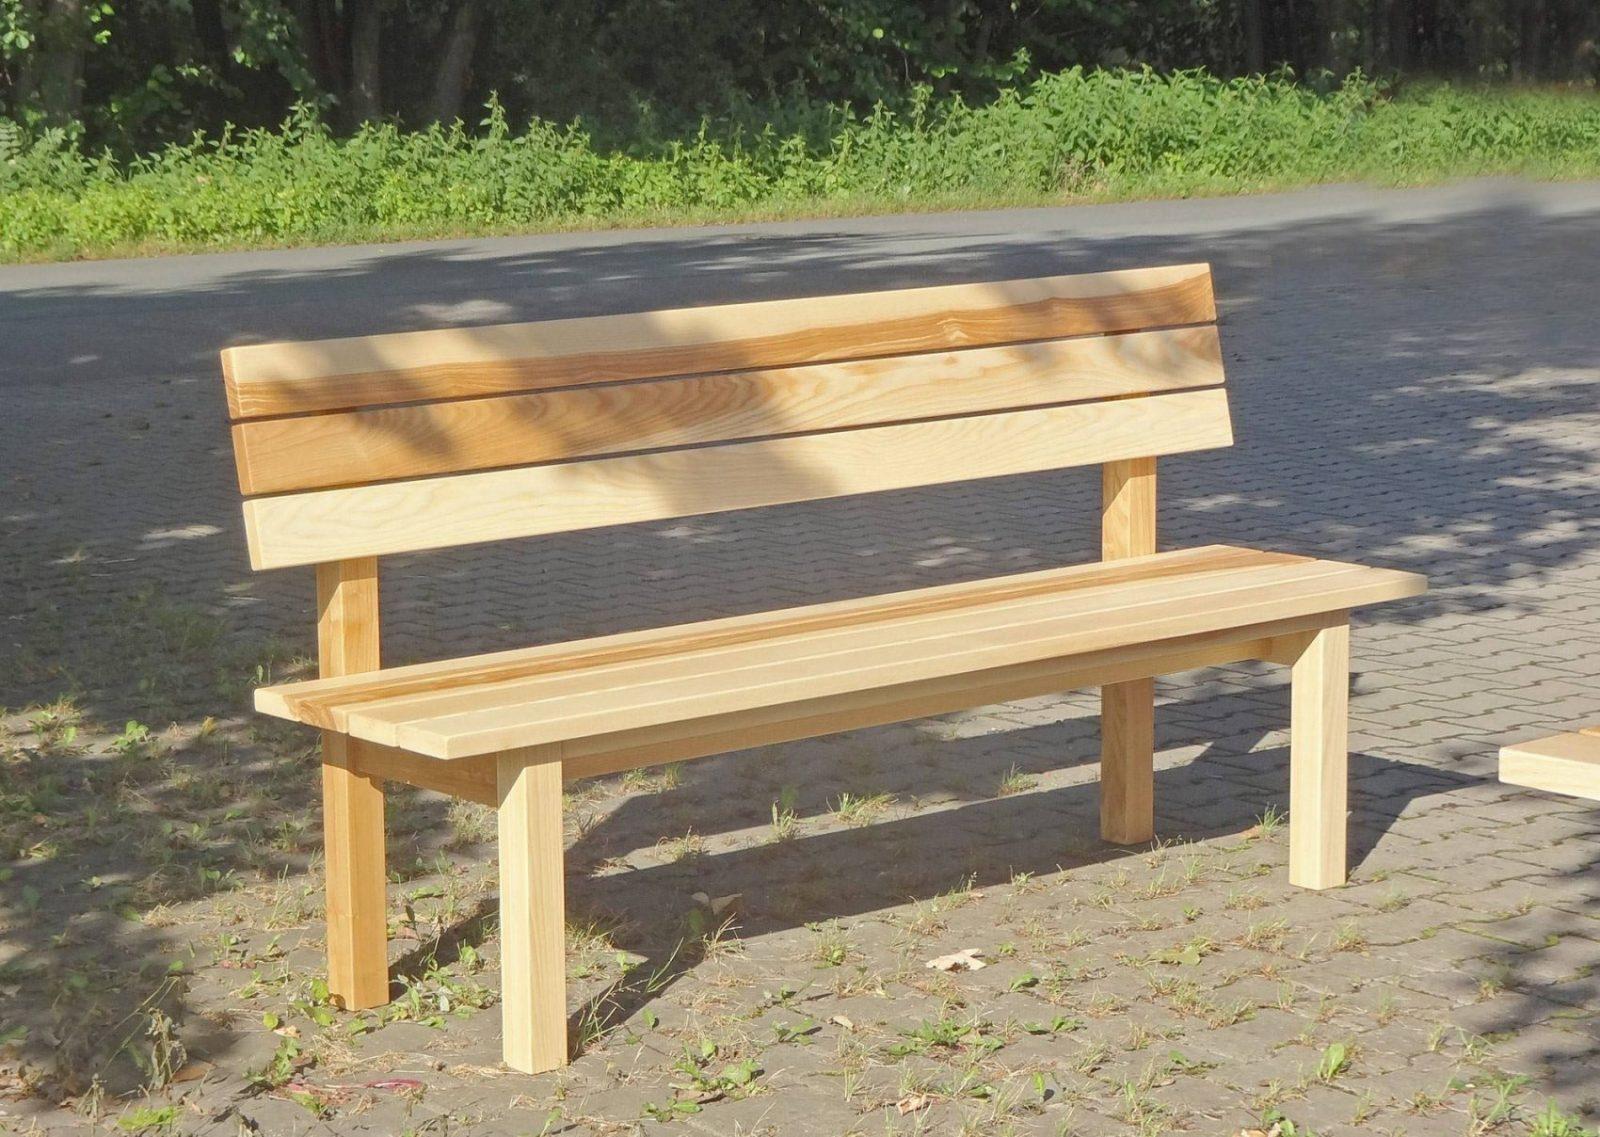 Gartenbank Selbst Gemacht Schnheit Holz Gartentisch Moebel Teak von Holz Gartenbank Selber Bauen Photo